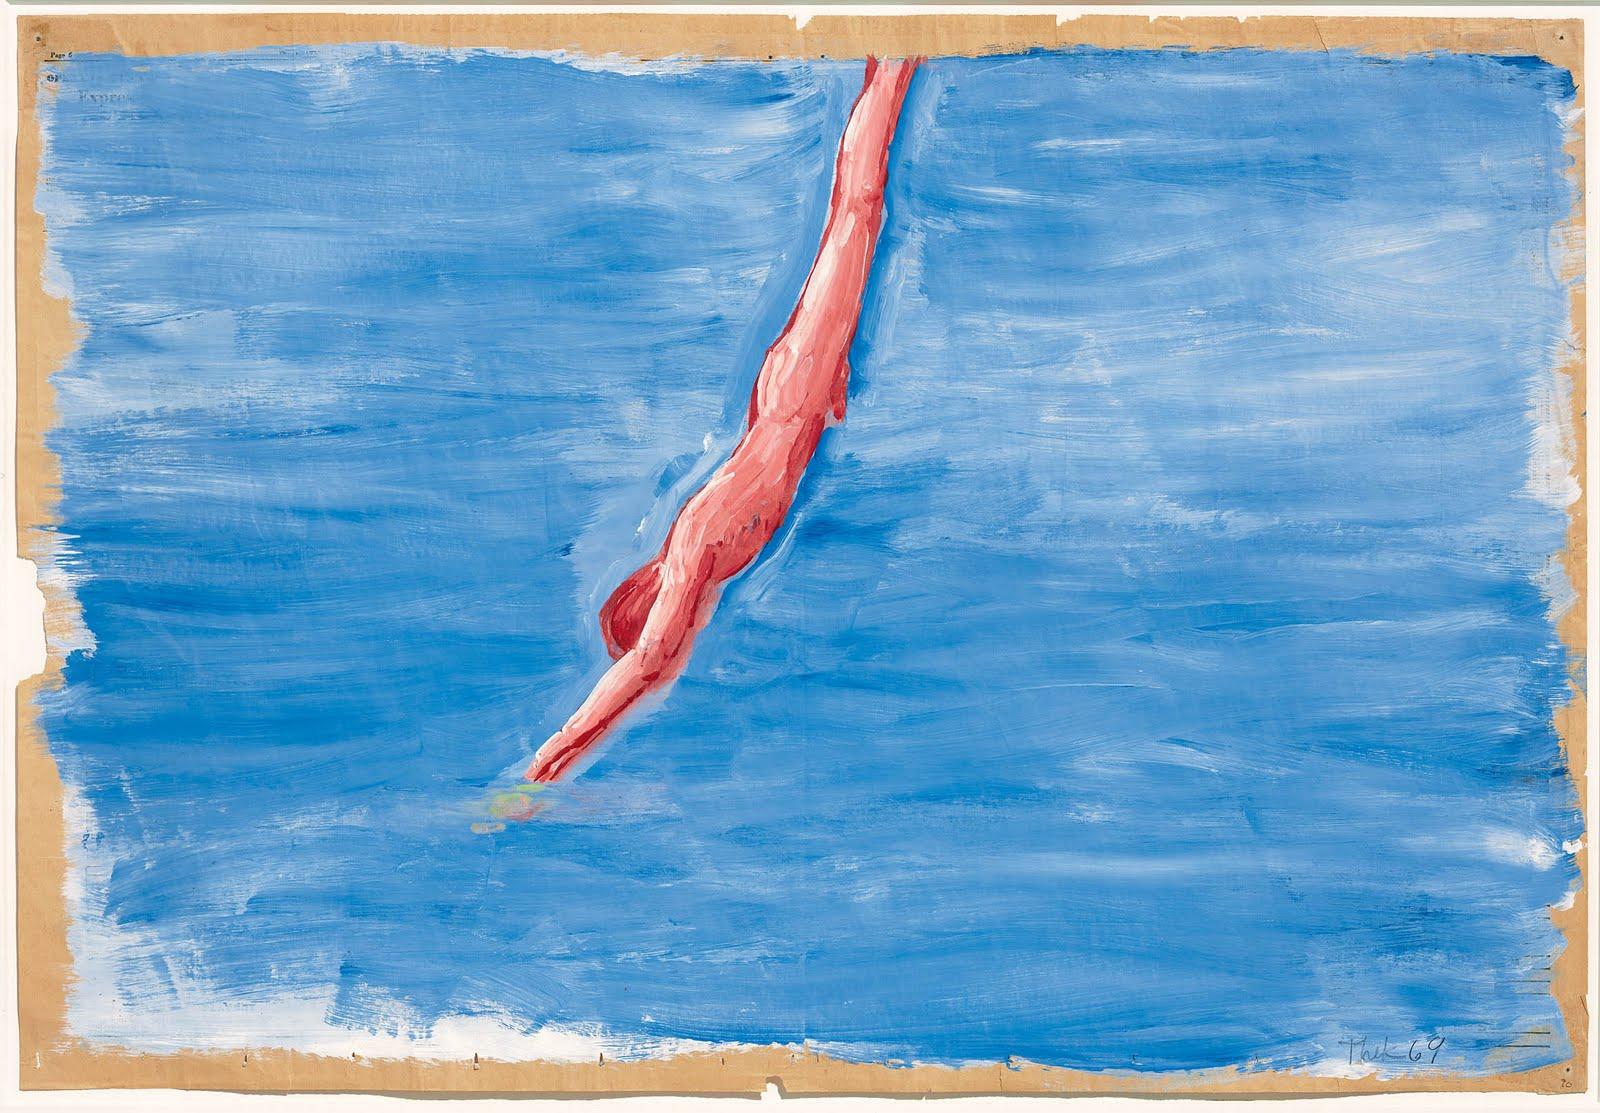 Paul Thek, Untitled (Diver), 1969-1970